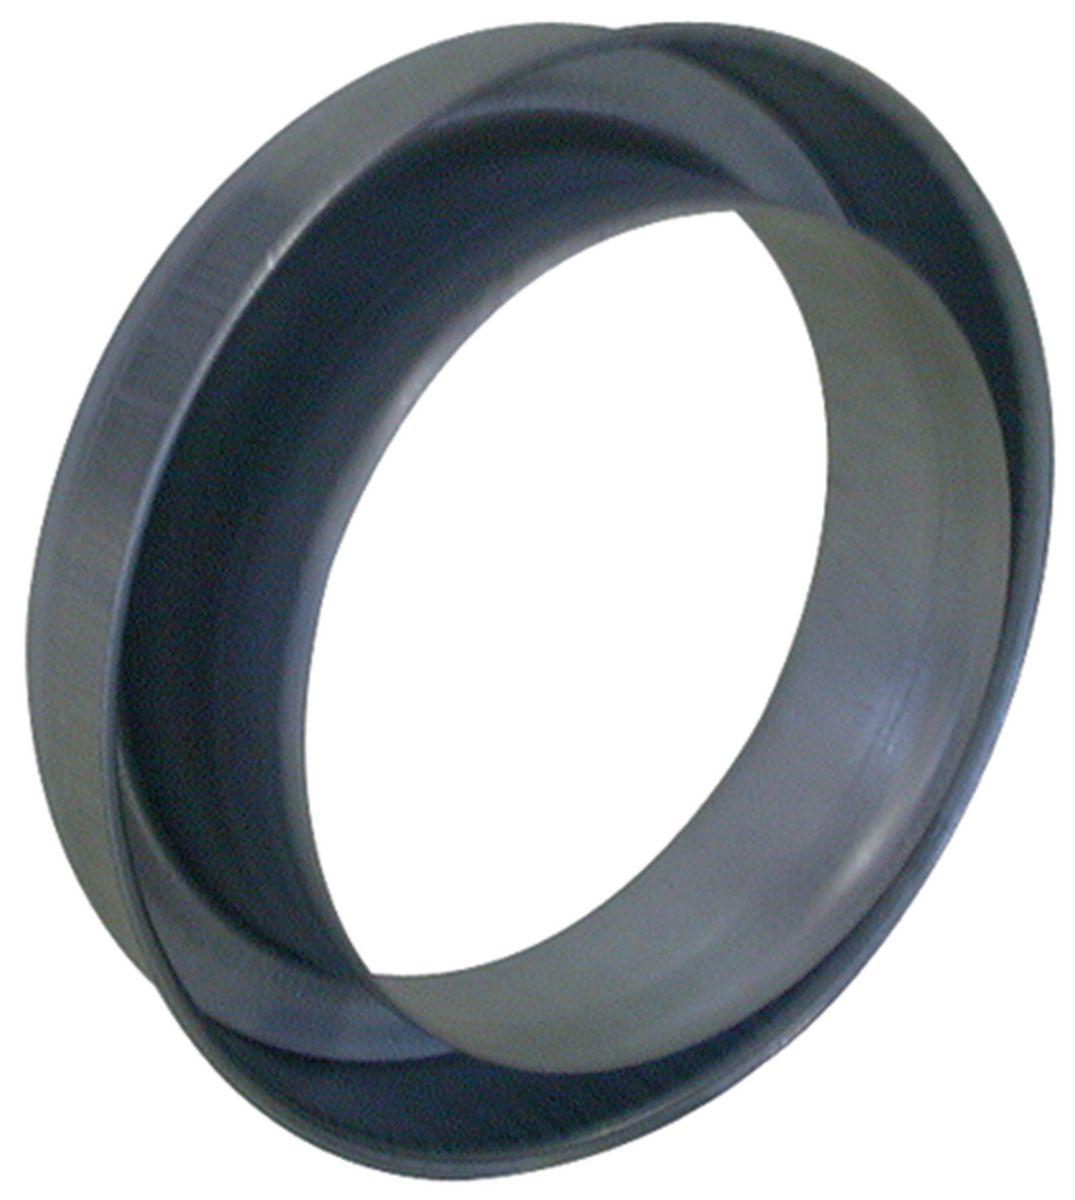 Réduction plate galva diamètre 500-400mm Réf. RPCD500/400